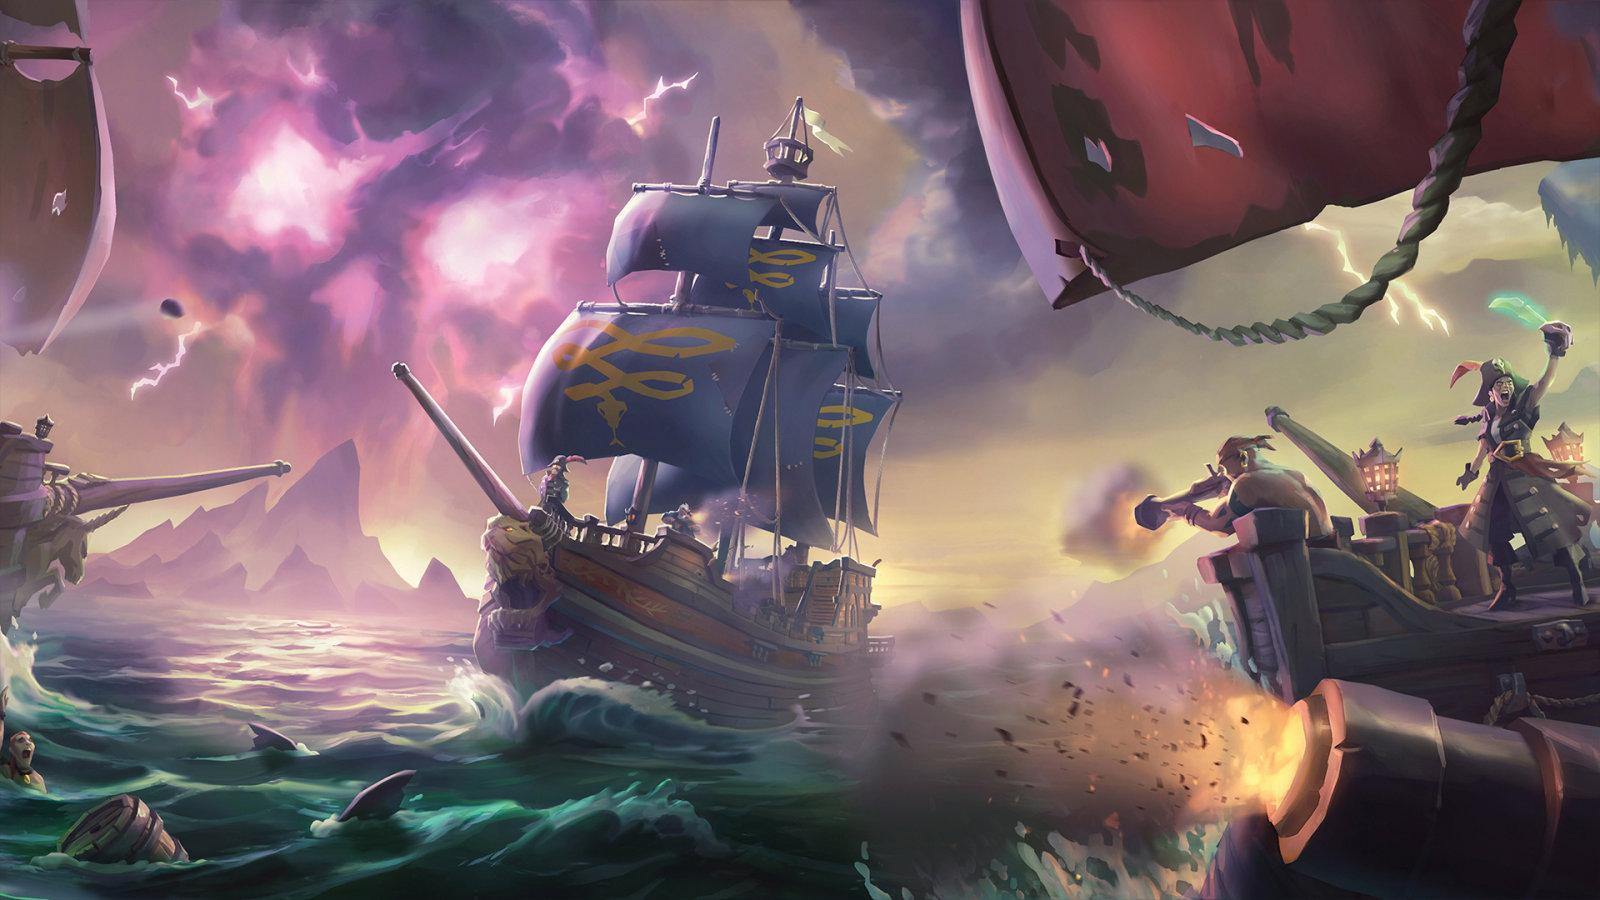 呀呼!啊哈?海盗用中文怎么打招呼?《盗贼之海》将更新繁体中文!